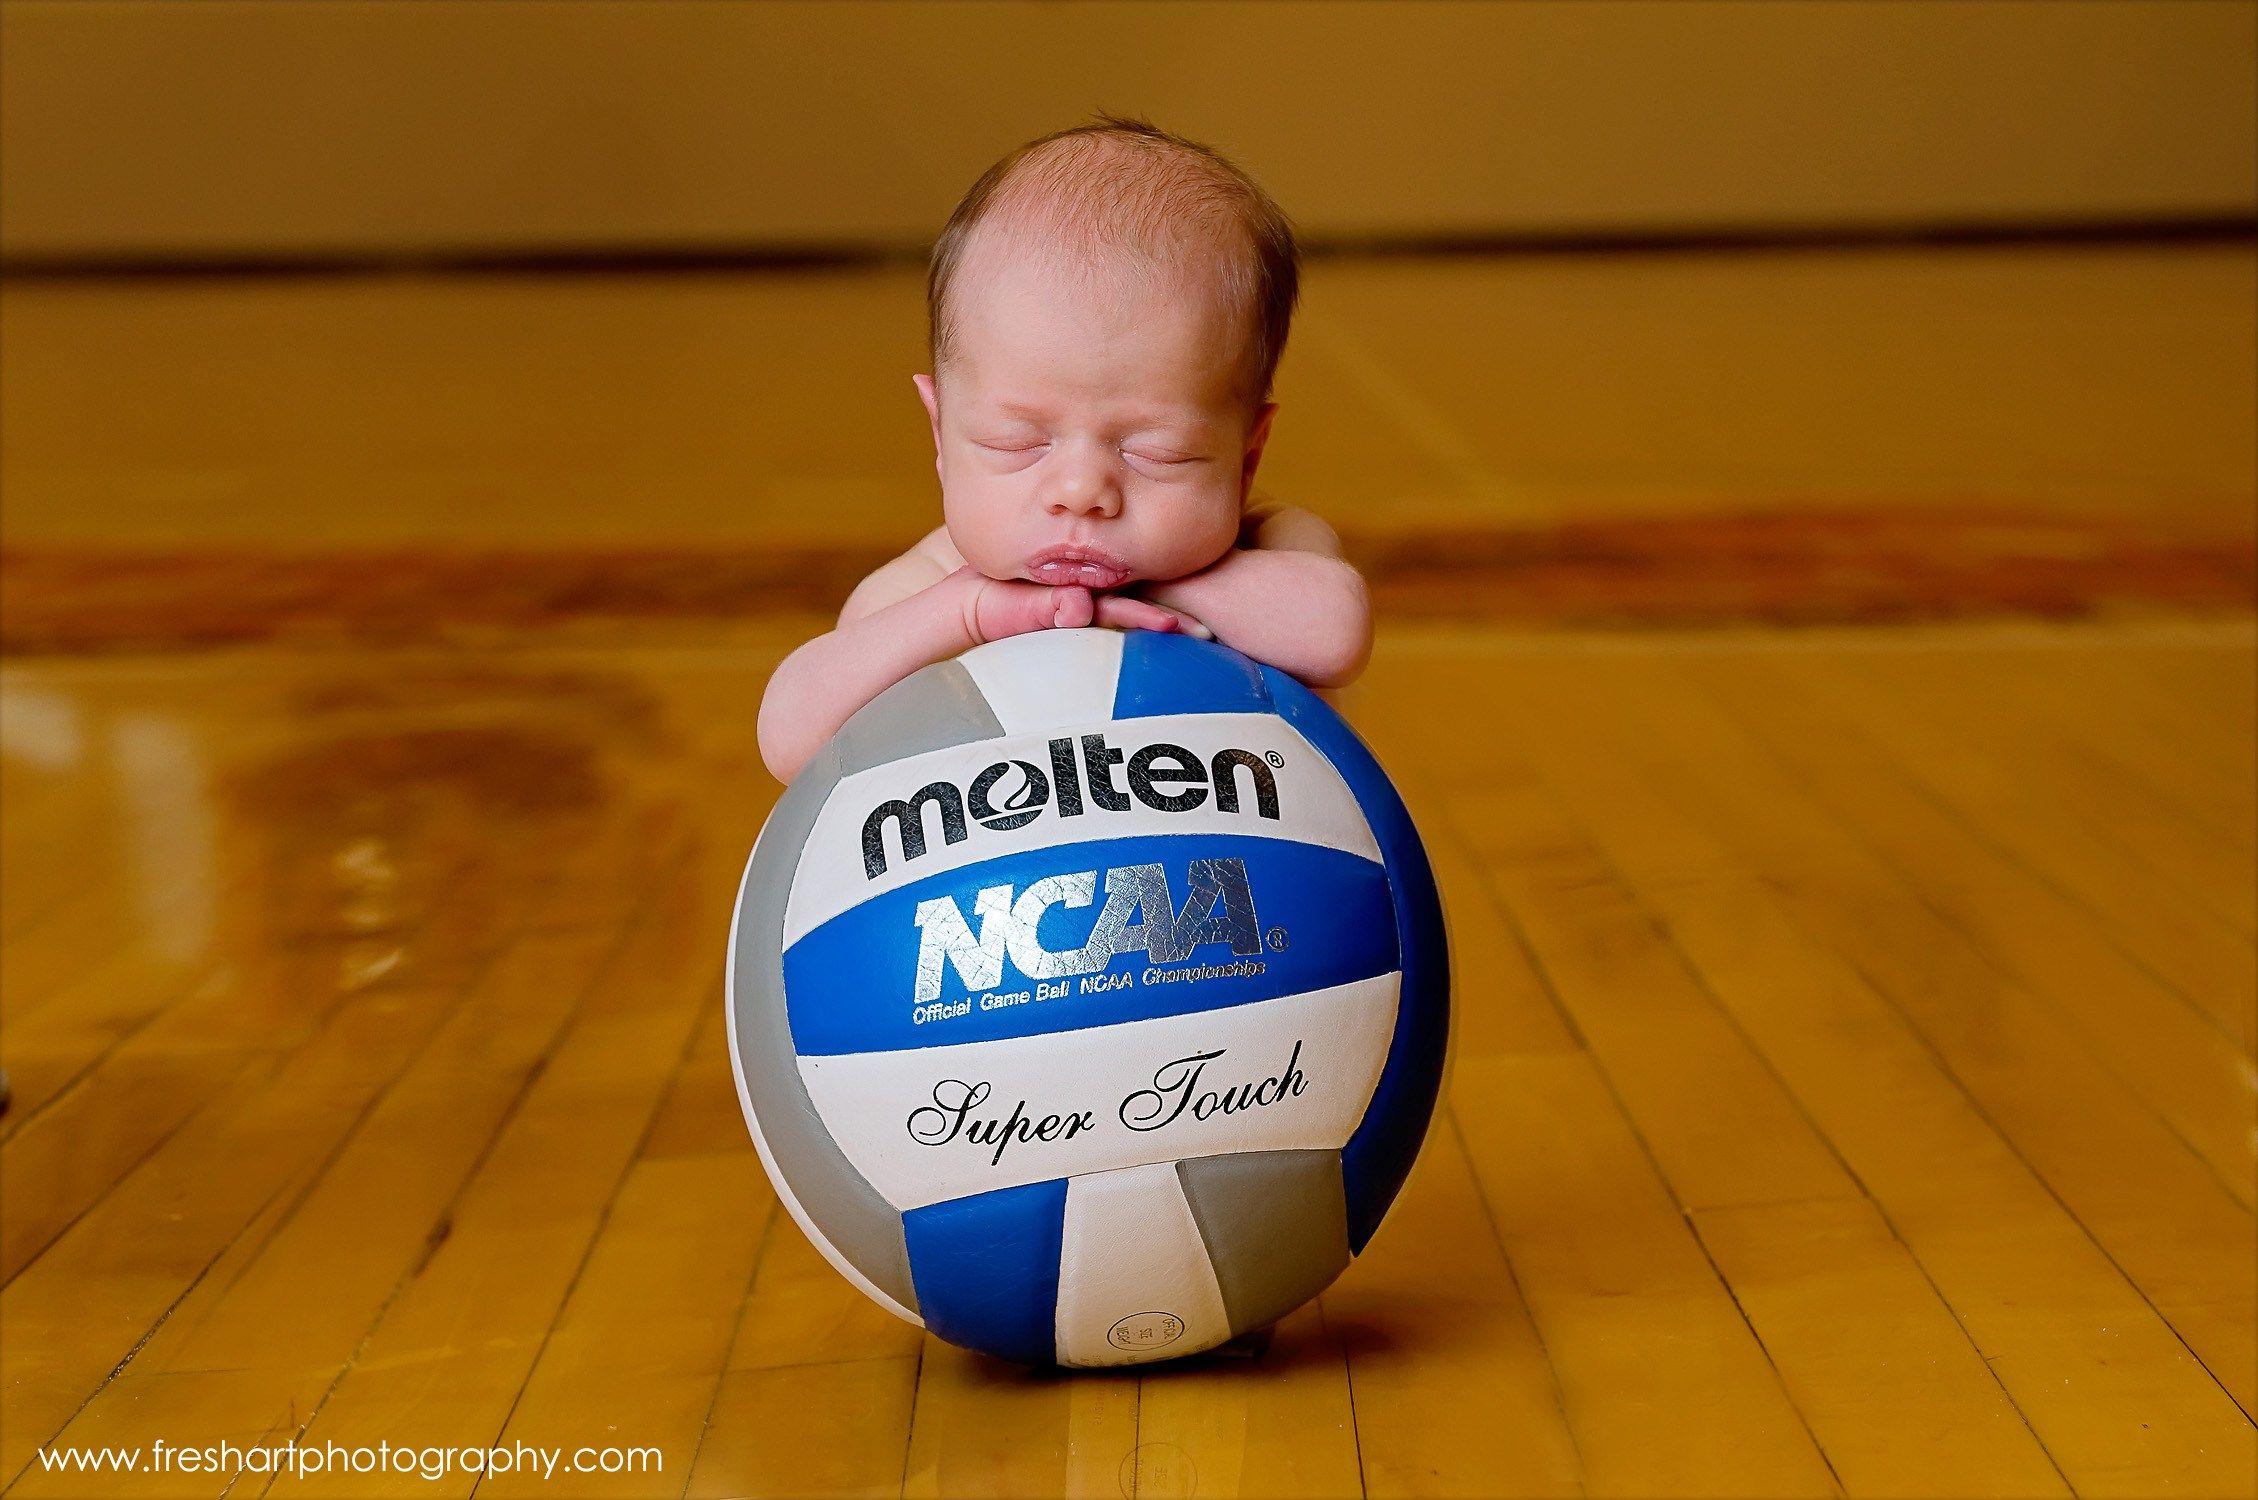 Quiet Period Shhhhh The Art Of Coaching Volleyball Volleyball Tryouts Coaching Volleyball Volleyball